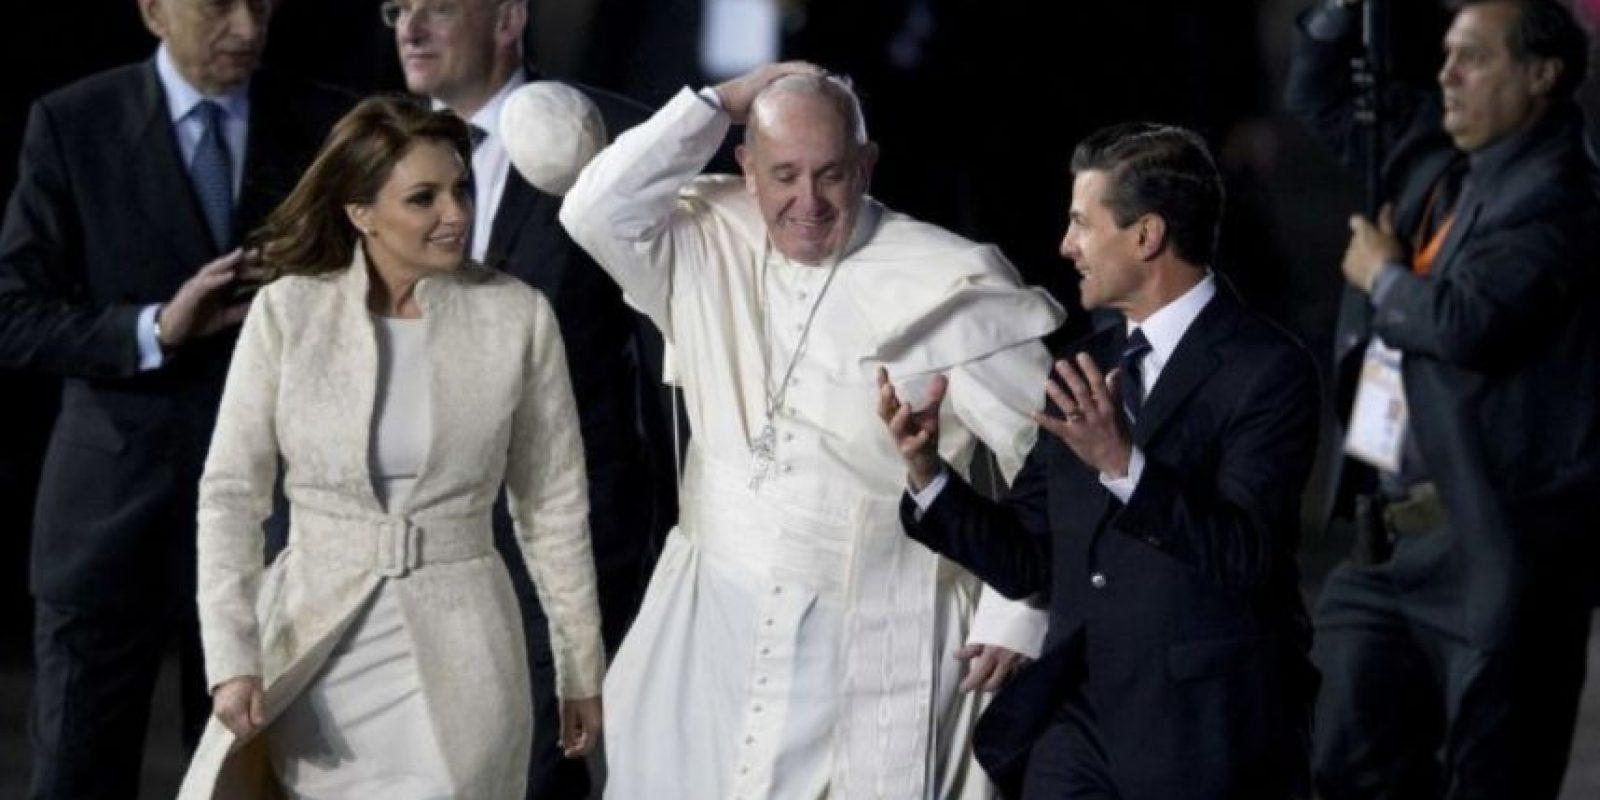 Para su bienvenida se presento el presidente mexicano Enrique Paña Nieto y su esposa Angélica Rivera. Foto:AP